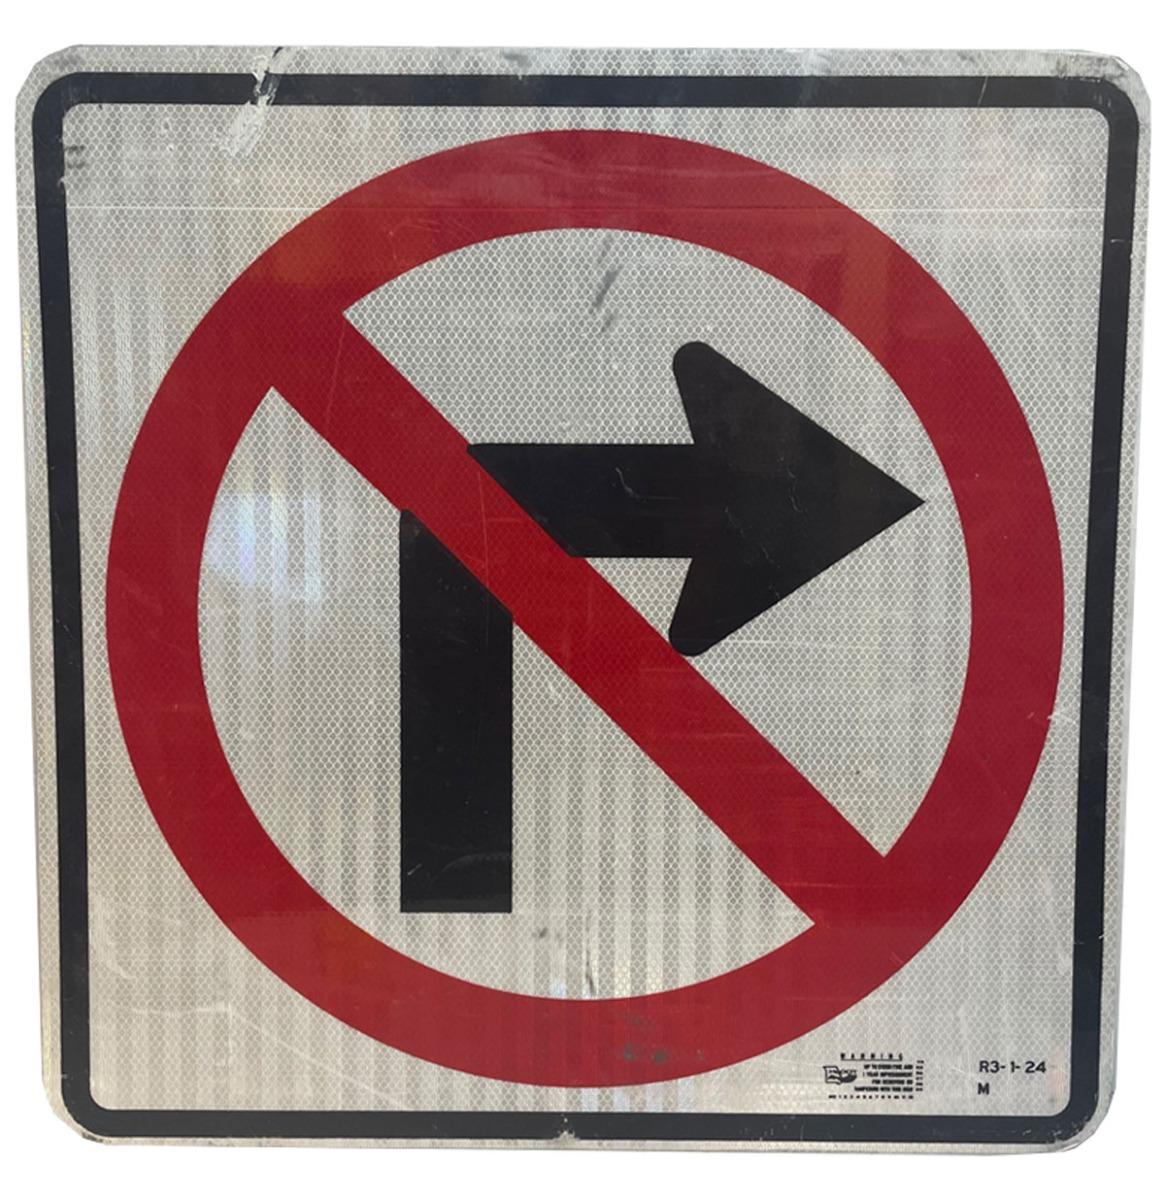 No Right Turn Straatbord - Origineel